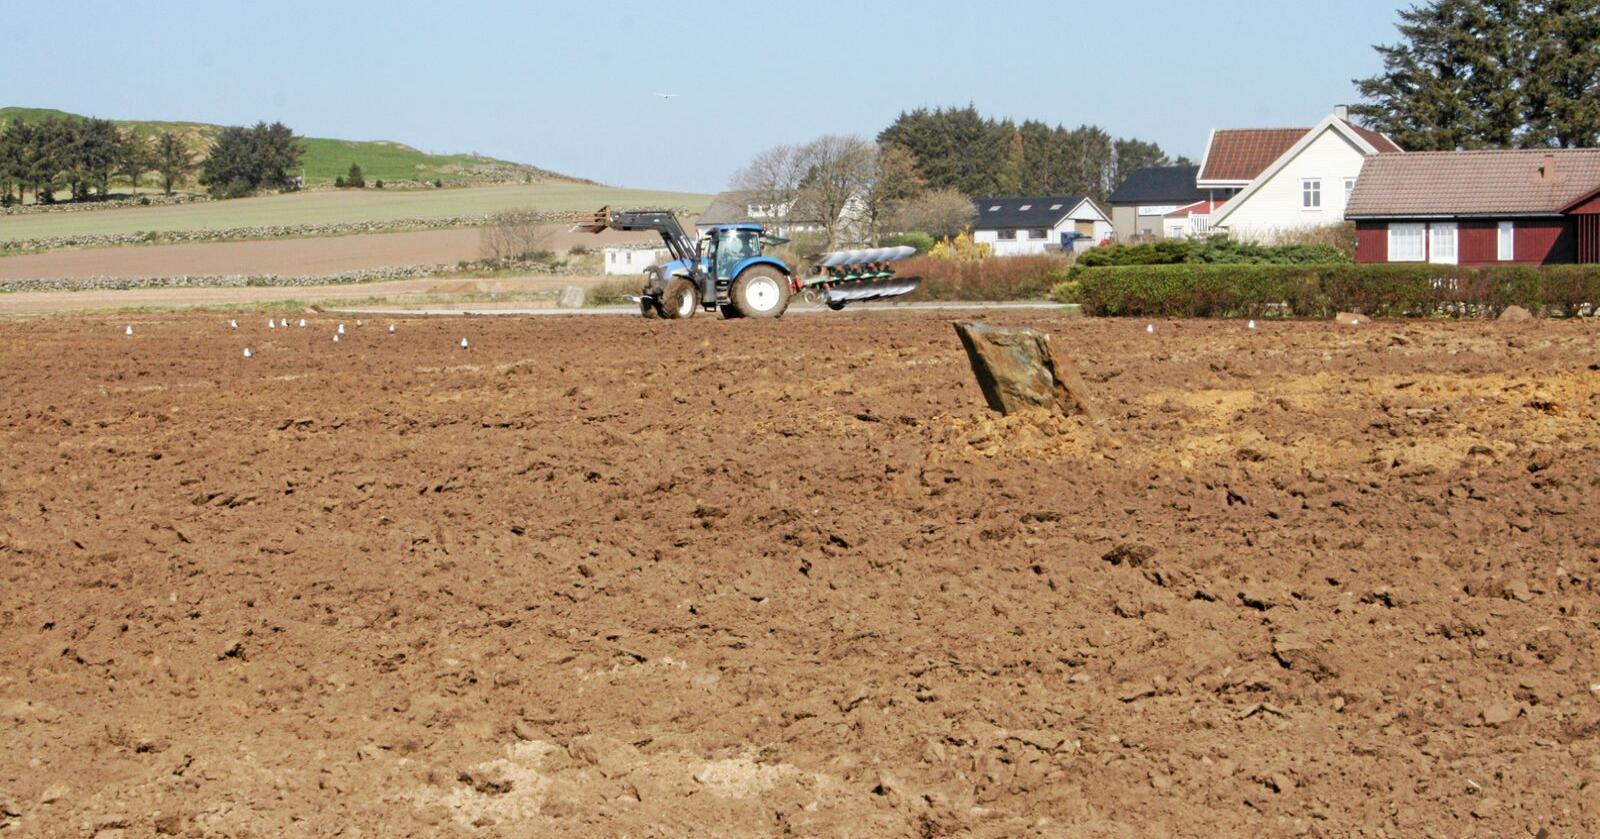 Ikkje berre mold: Jordkapitalisten og -drivaren må snakka saman som jamningar. Foto: Bjarne B. Aase